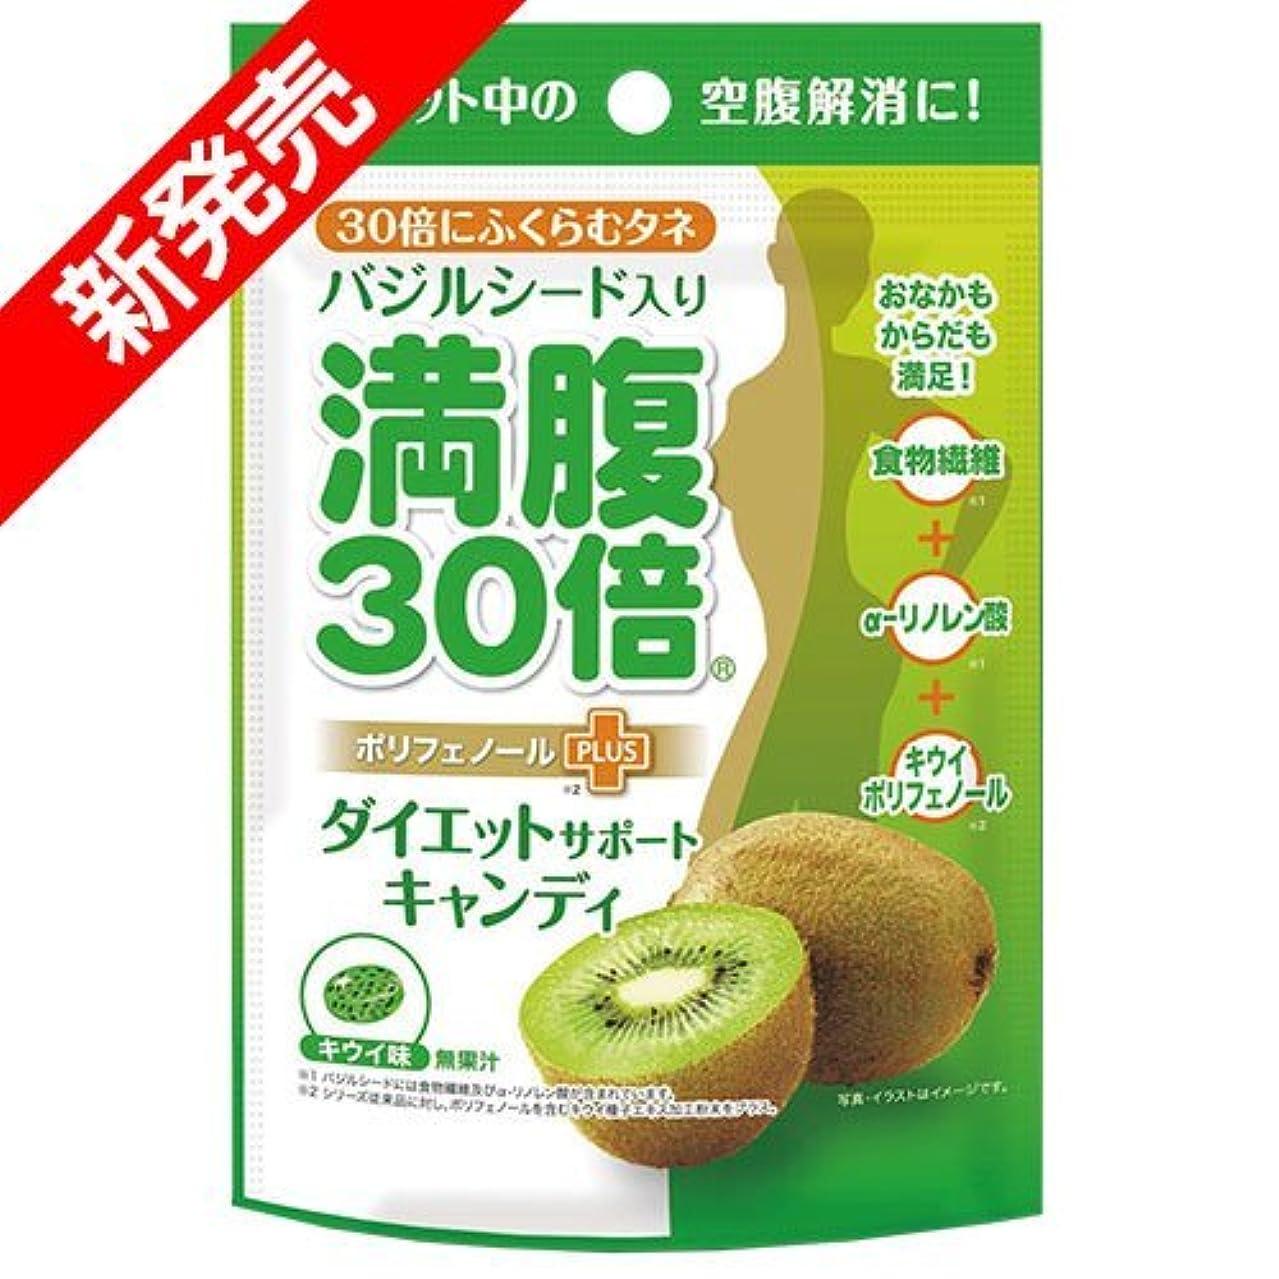 国パーク一生満腹30倍 ダイエットサポートキャンディ キウイ